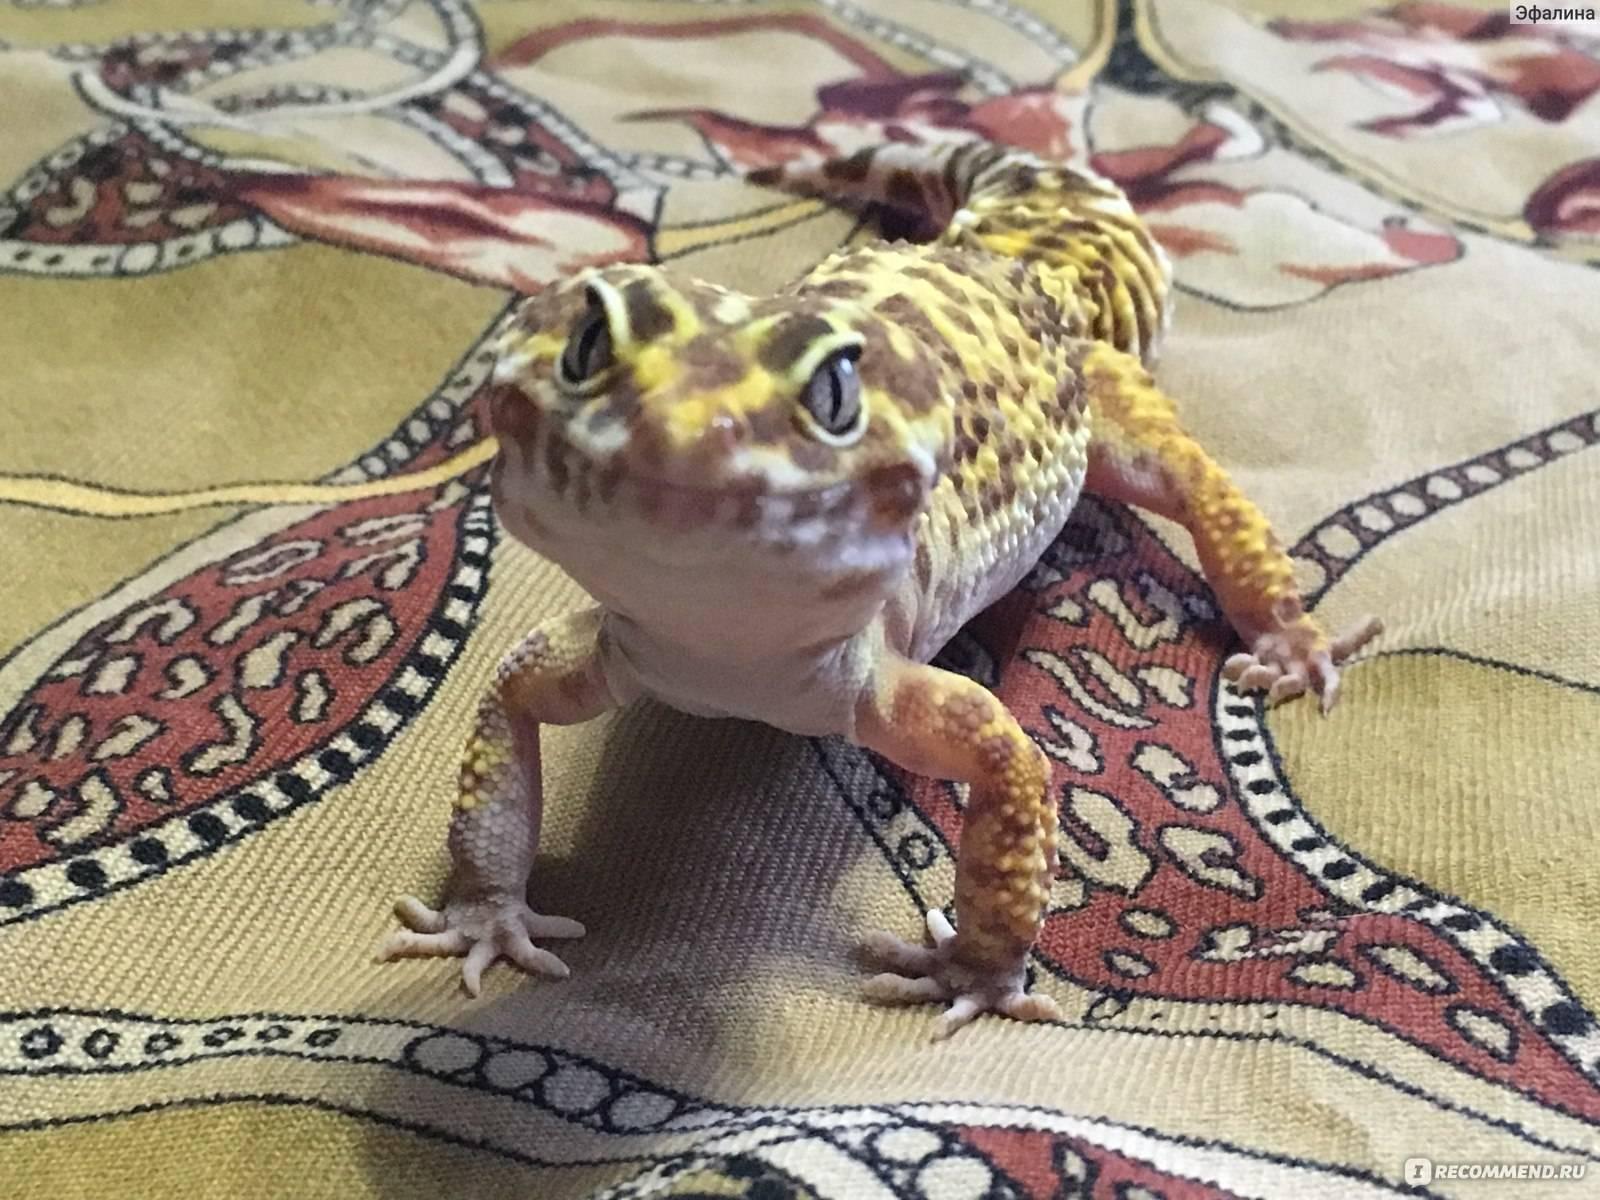 Содержание леопардового геккона, пятнистый эублефар — физиология и болезни